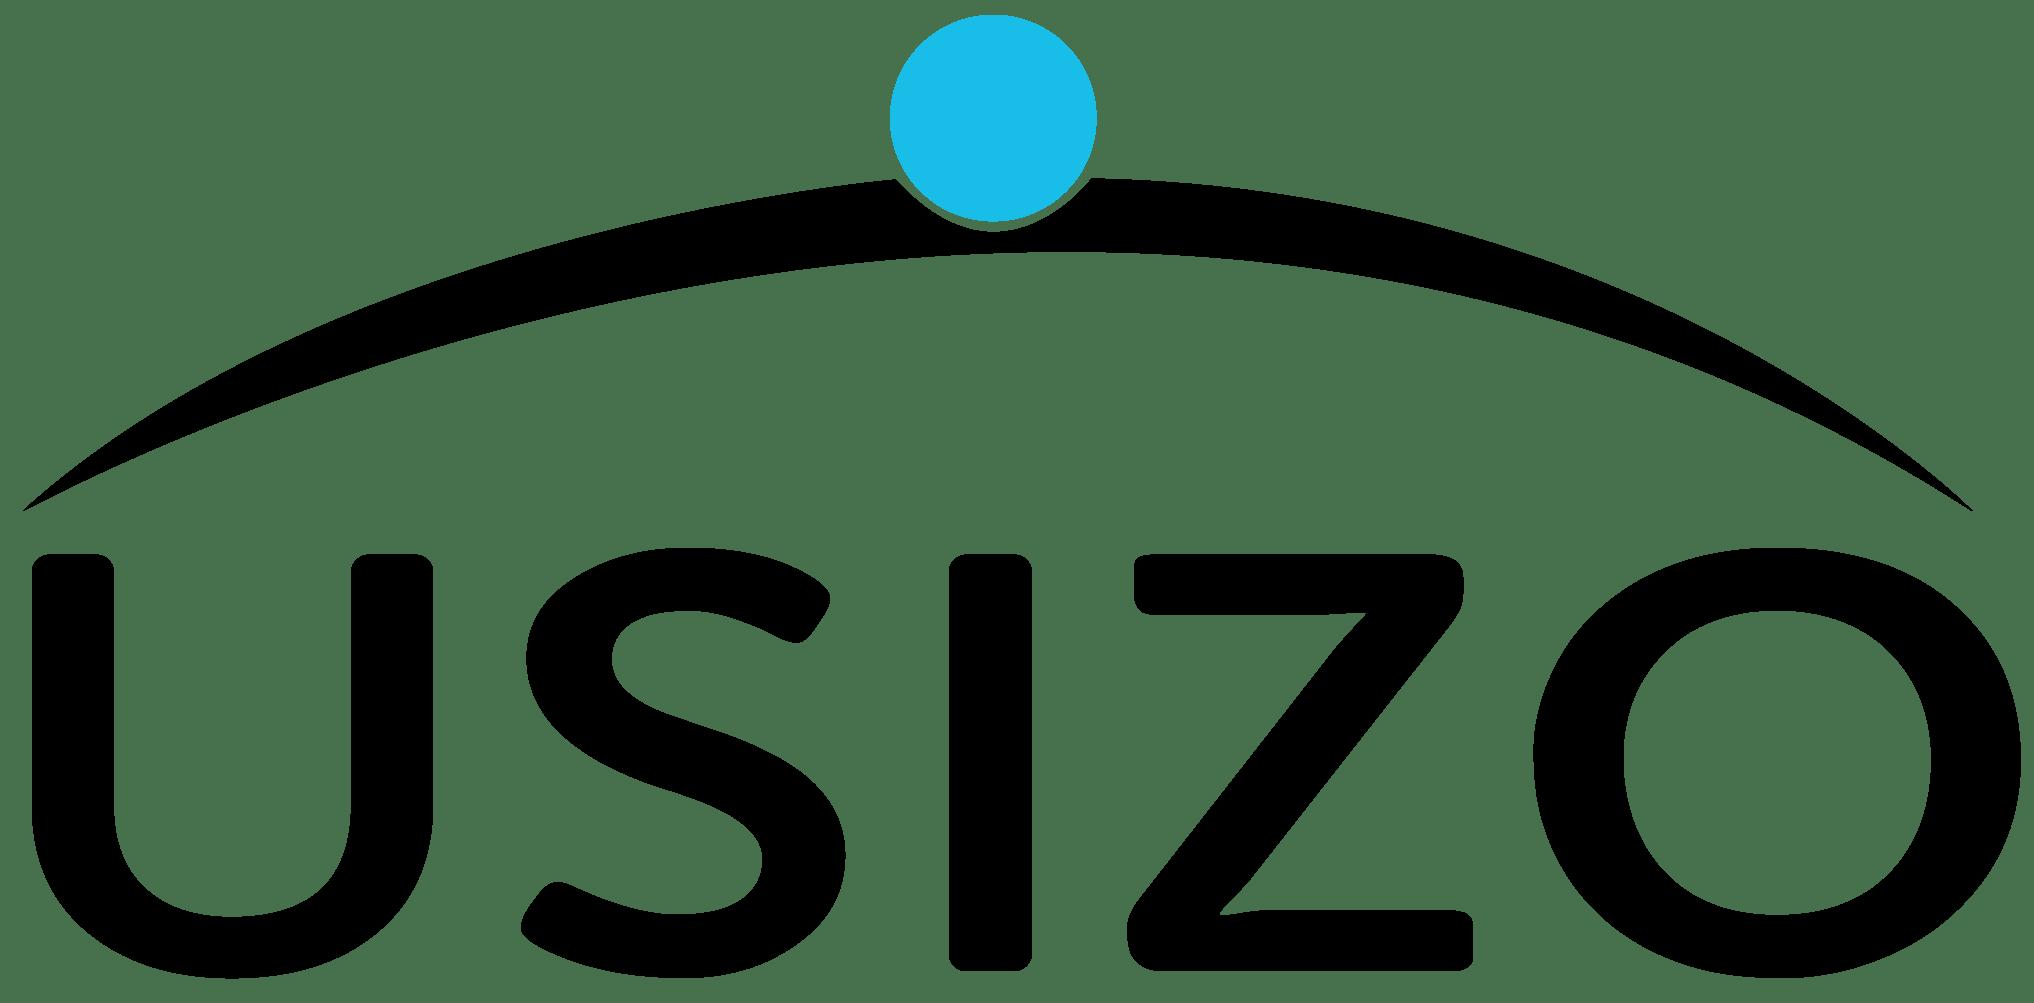 Usizo logo